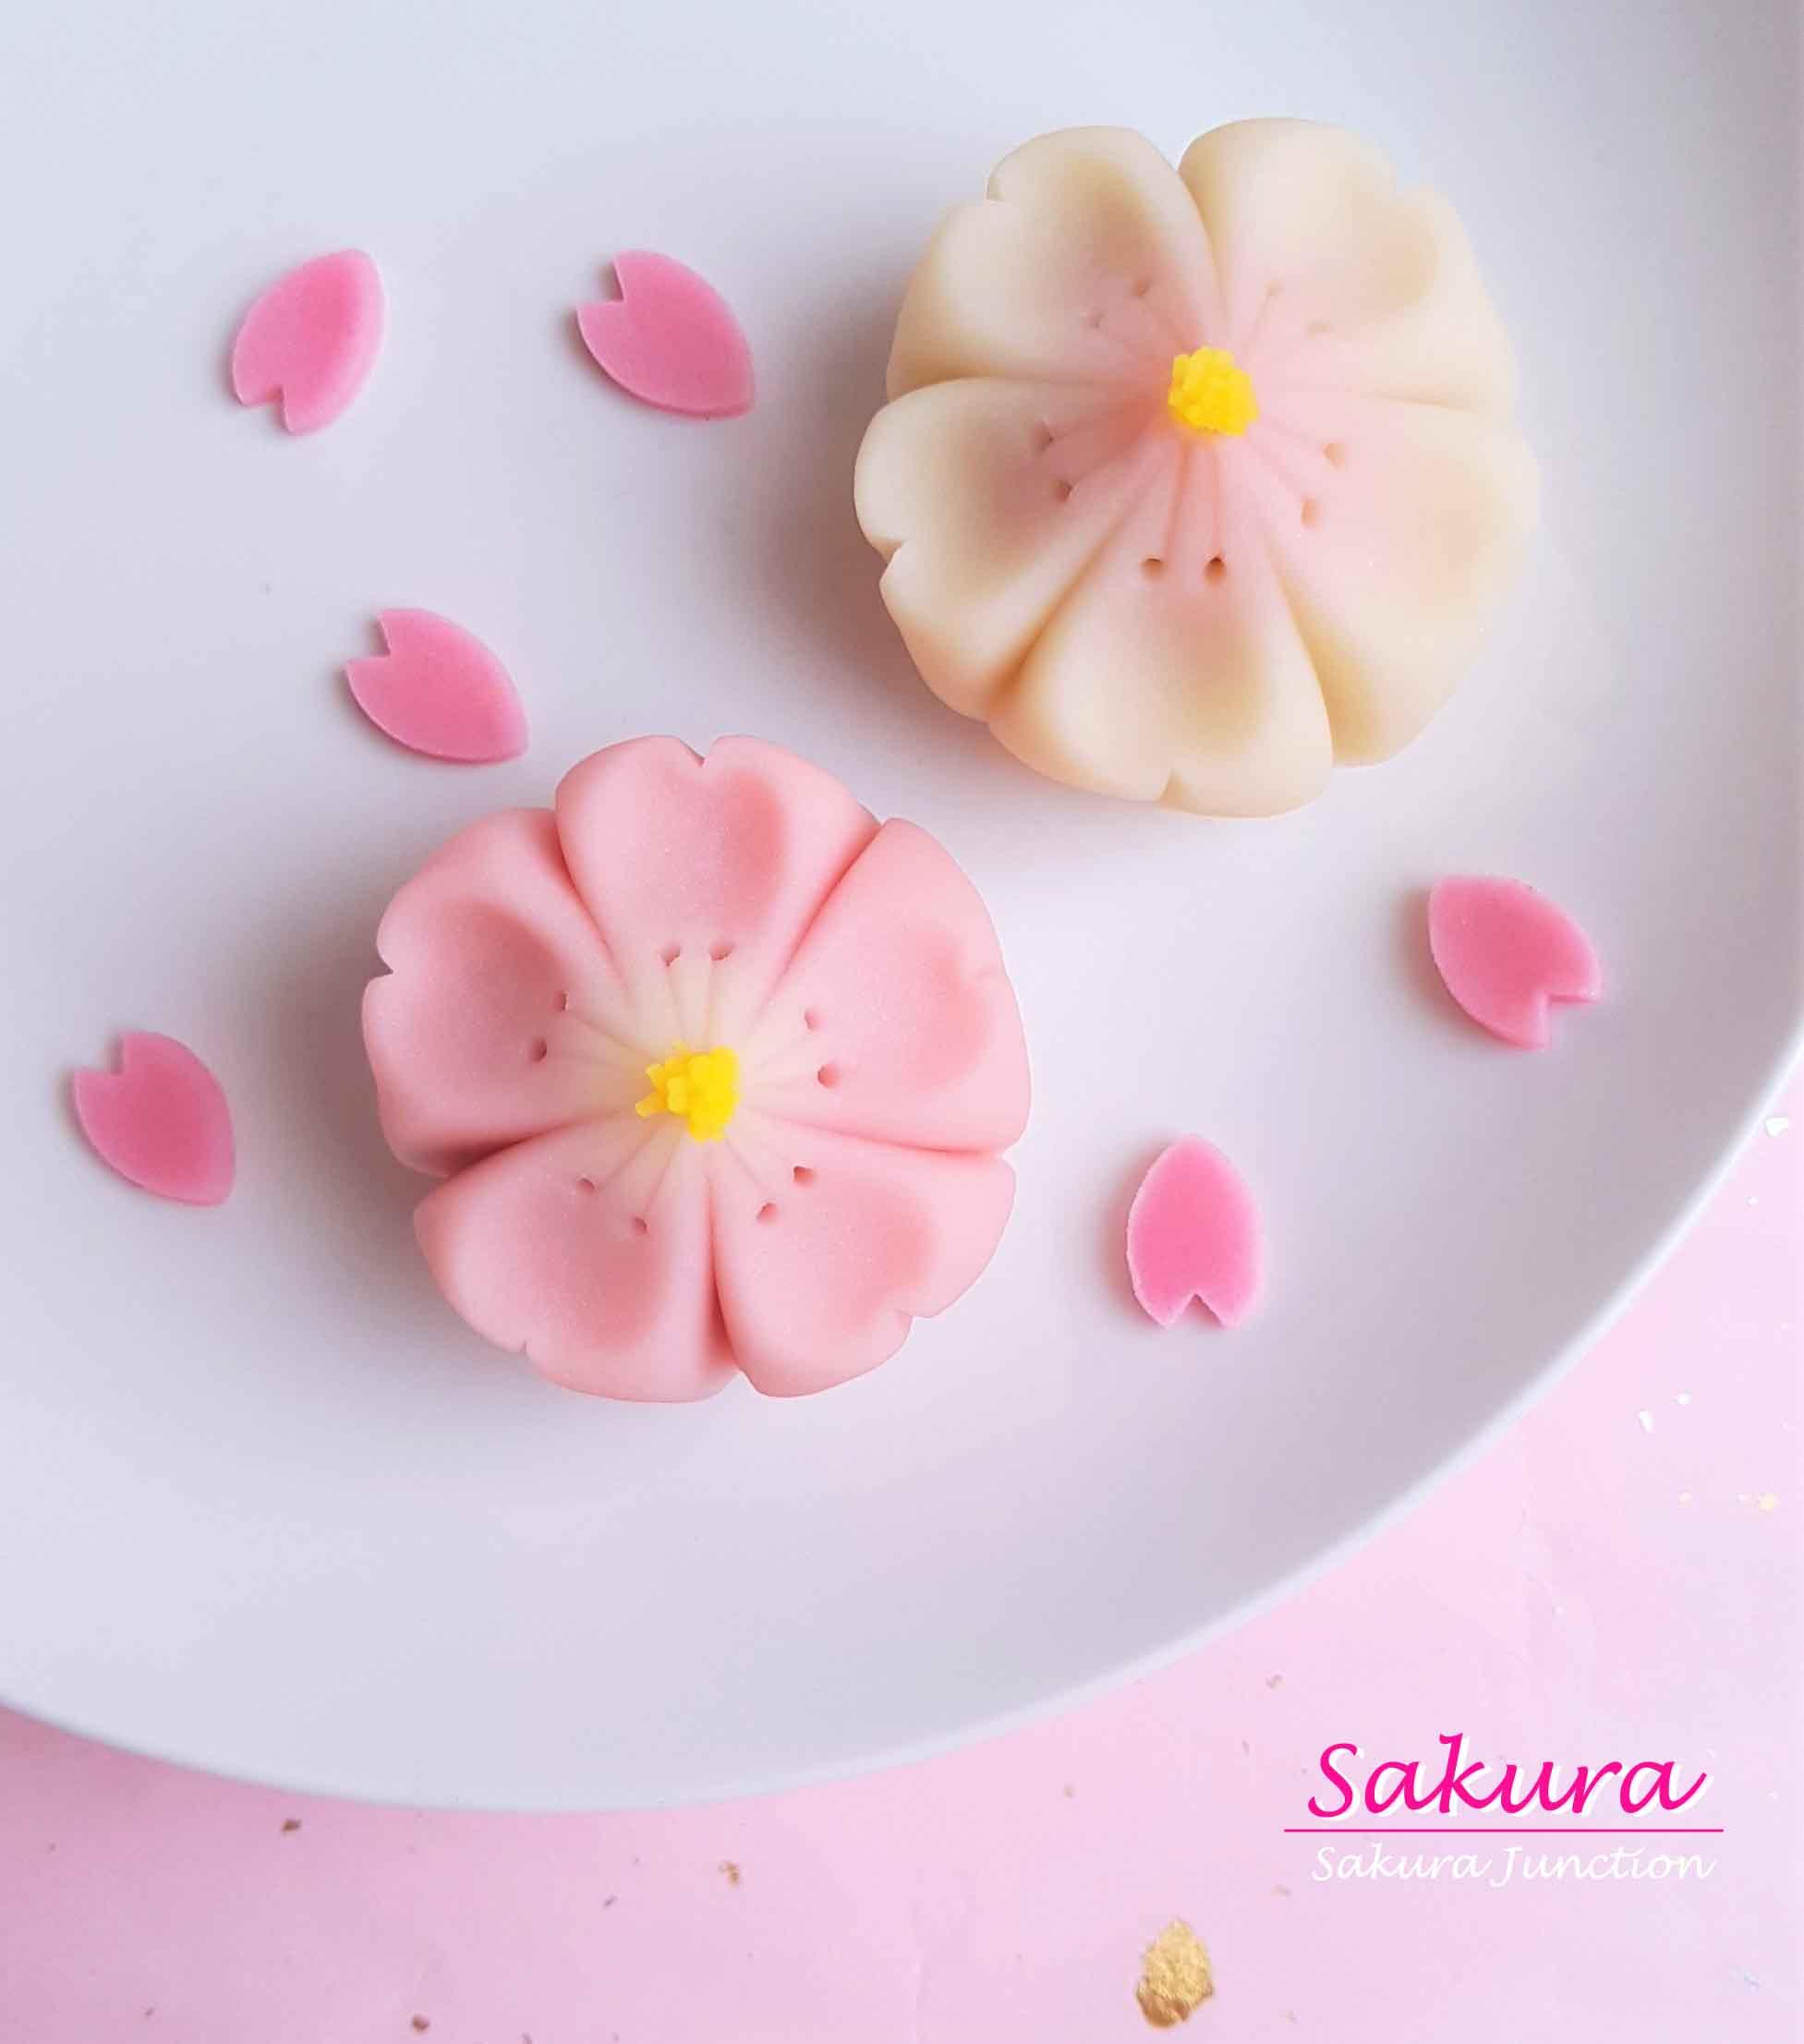 Sakura 19-3